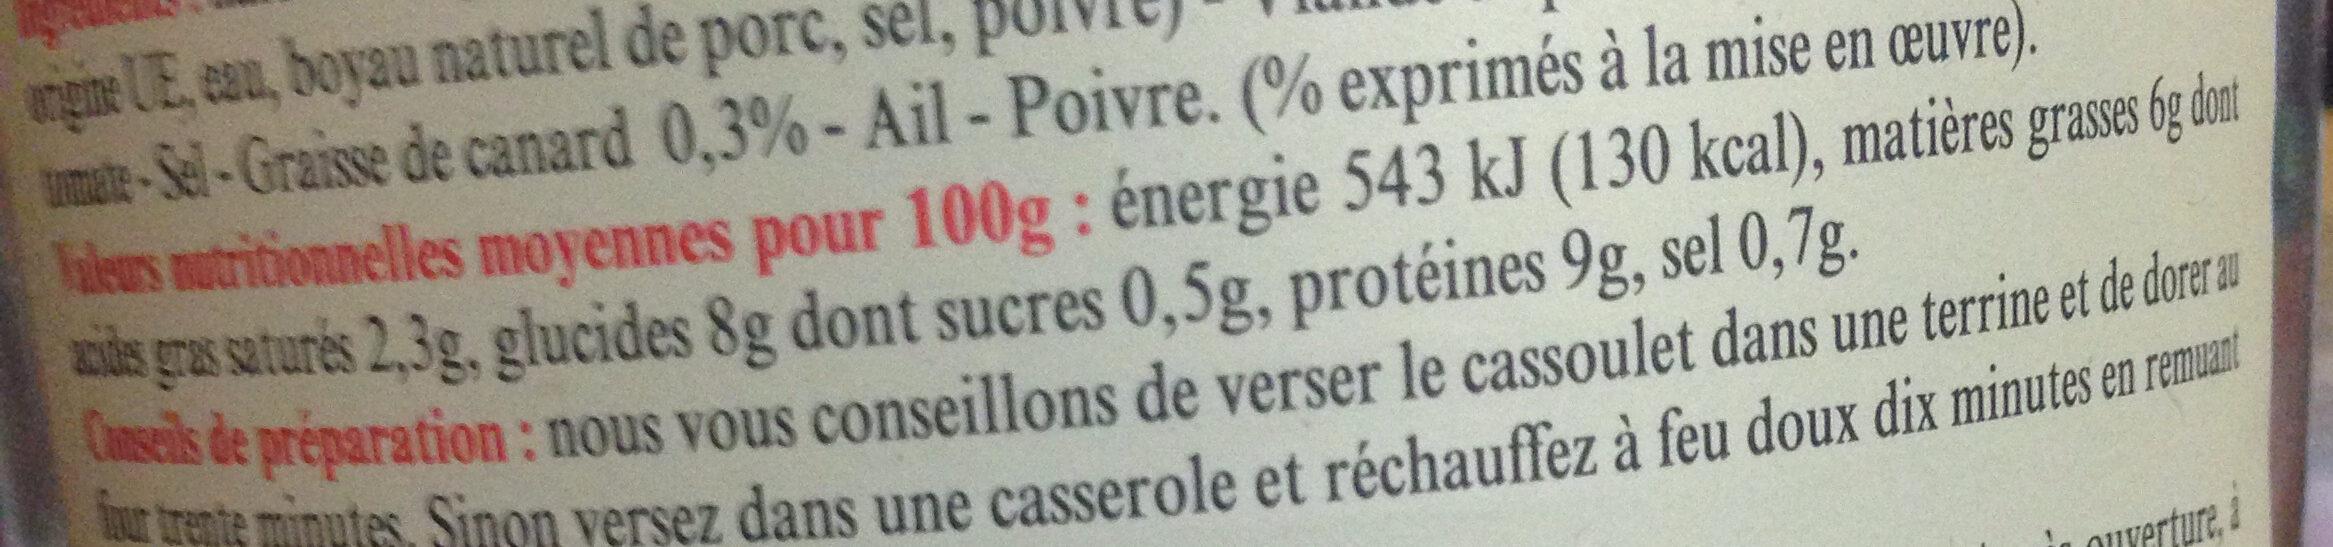 Cassoulet au Porc - Cuisiné à la Graisse de Canard - Authentique Cassoulet de Castelnaudary - Informations nutritionnelles